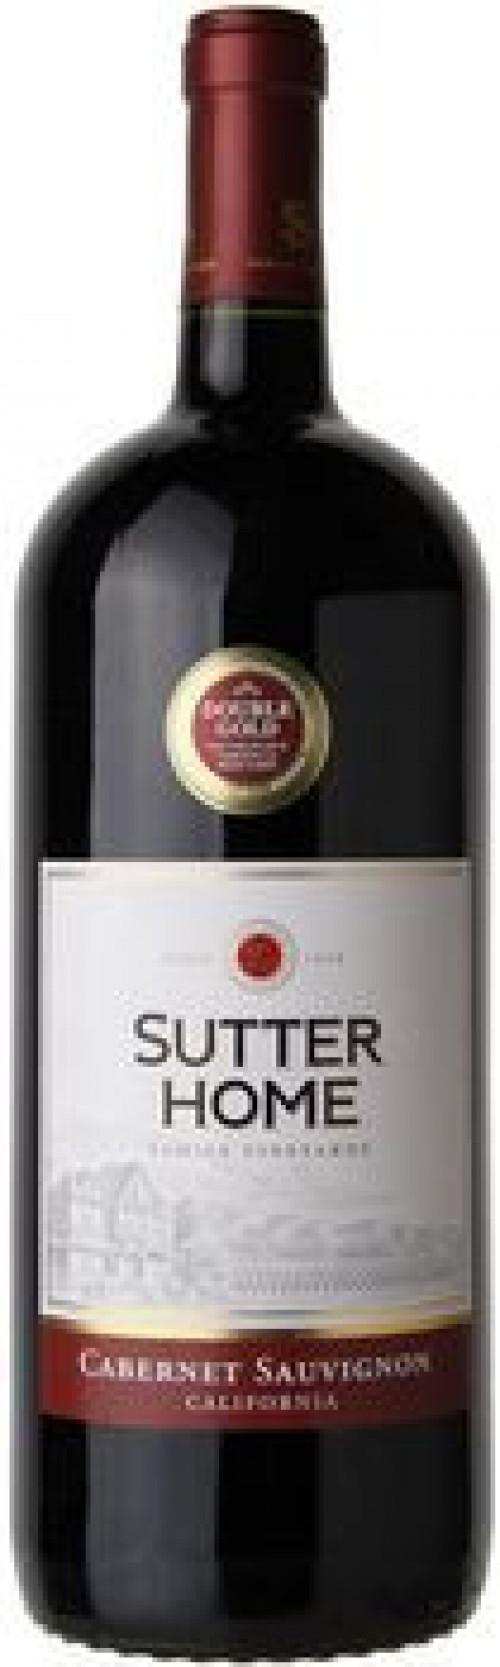 Sutter Home Cabernet Sauvignon 1.5 Ltr